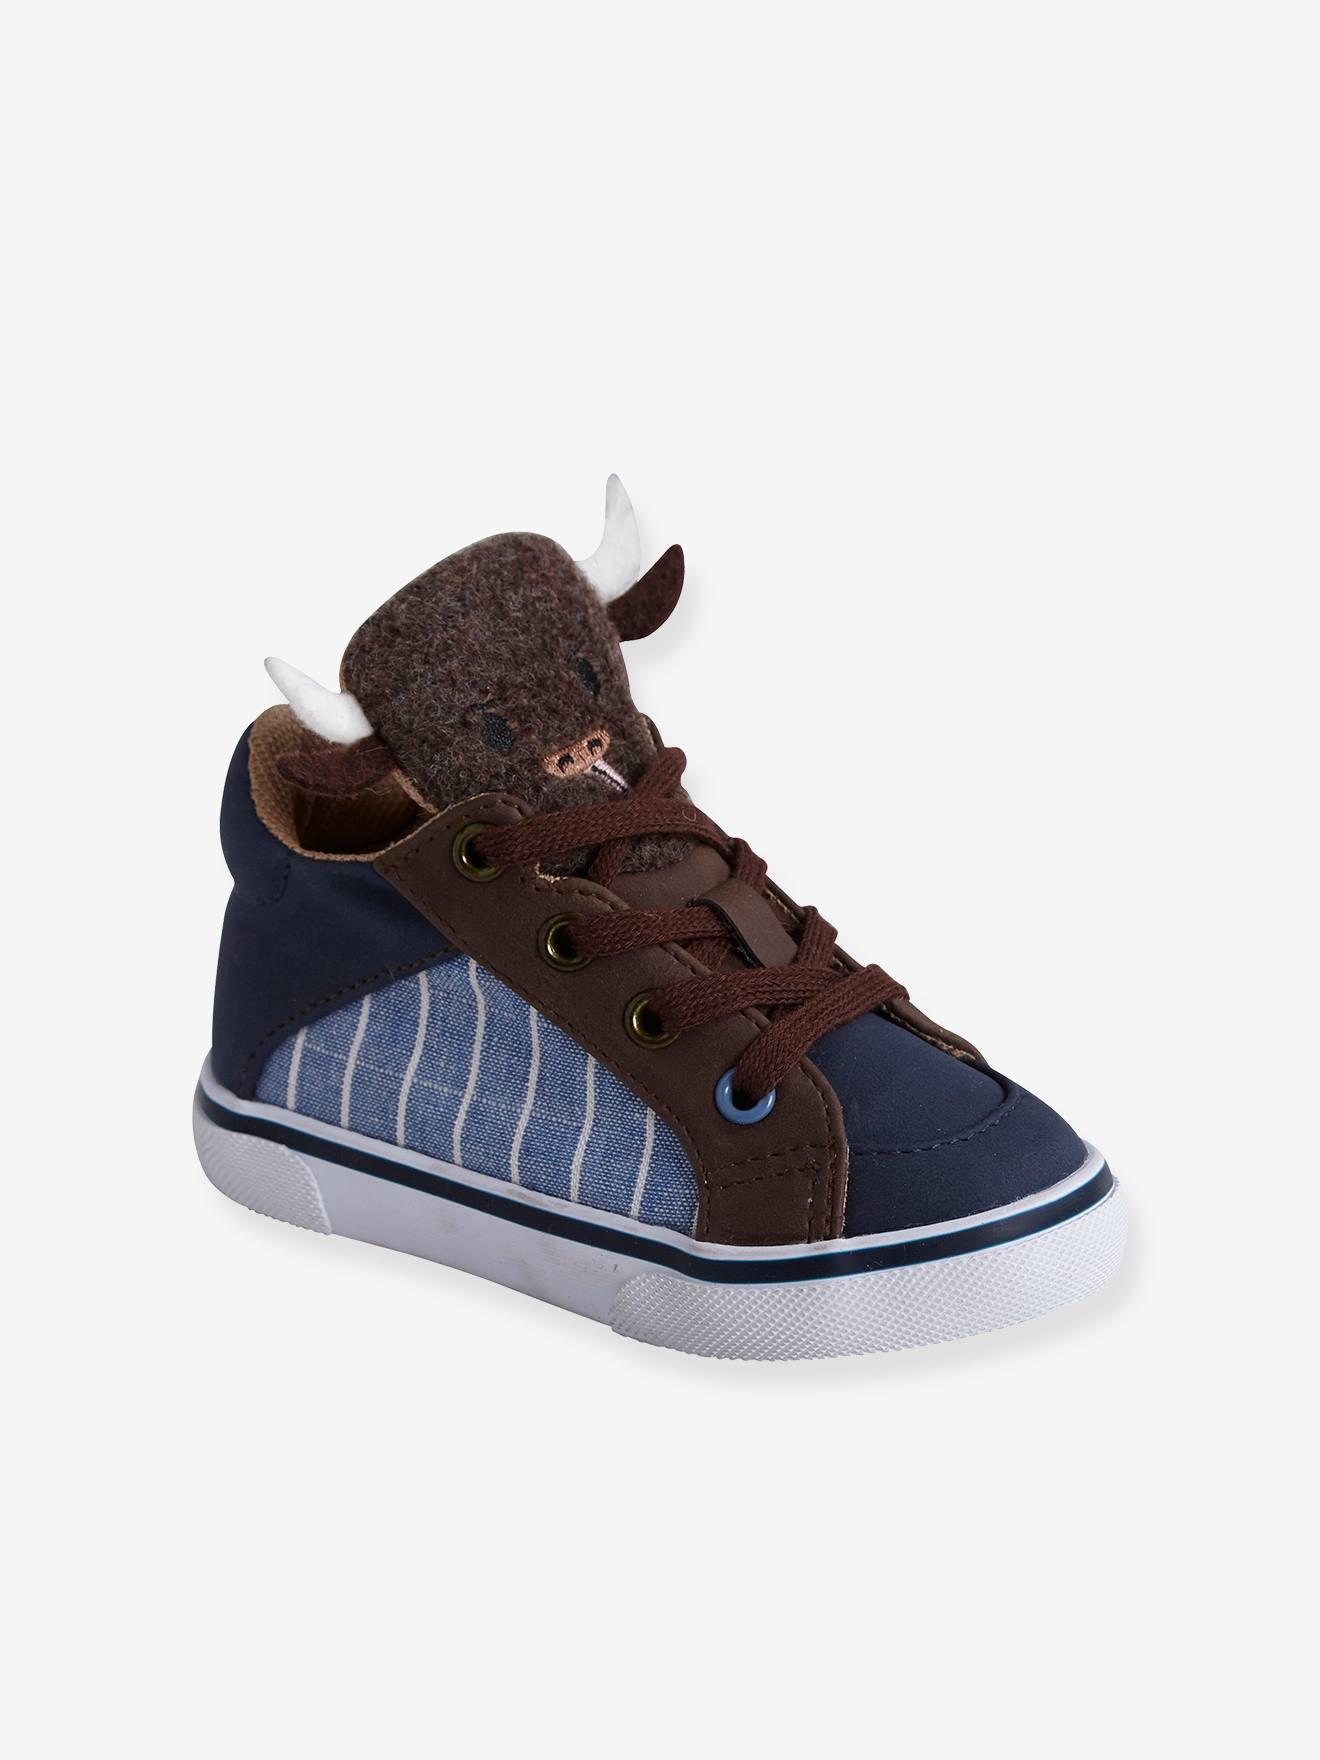 5aab0522a0b9a Chaussures Bébé garçon - Chaussures - Mode et Textile - discount ...